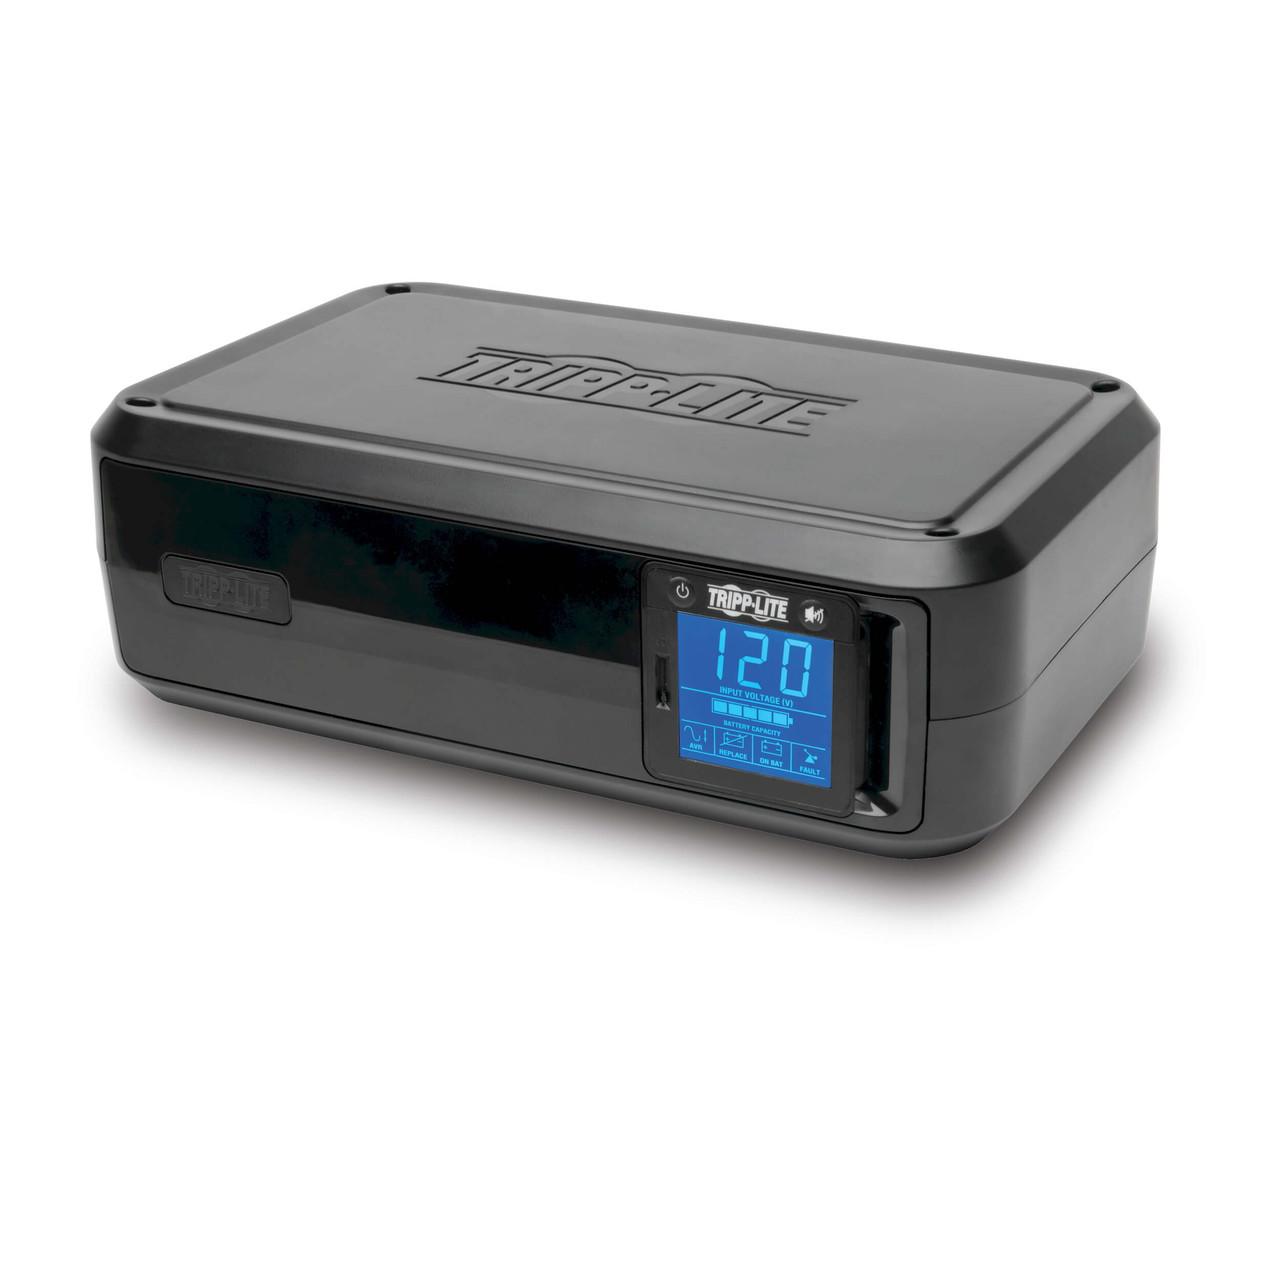 Tripp Lite UPS Smart 1500VA 900W Tower LCD Battery Back Up AVR Coax RJ45 USB